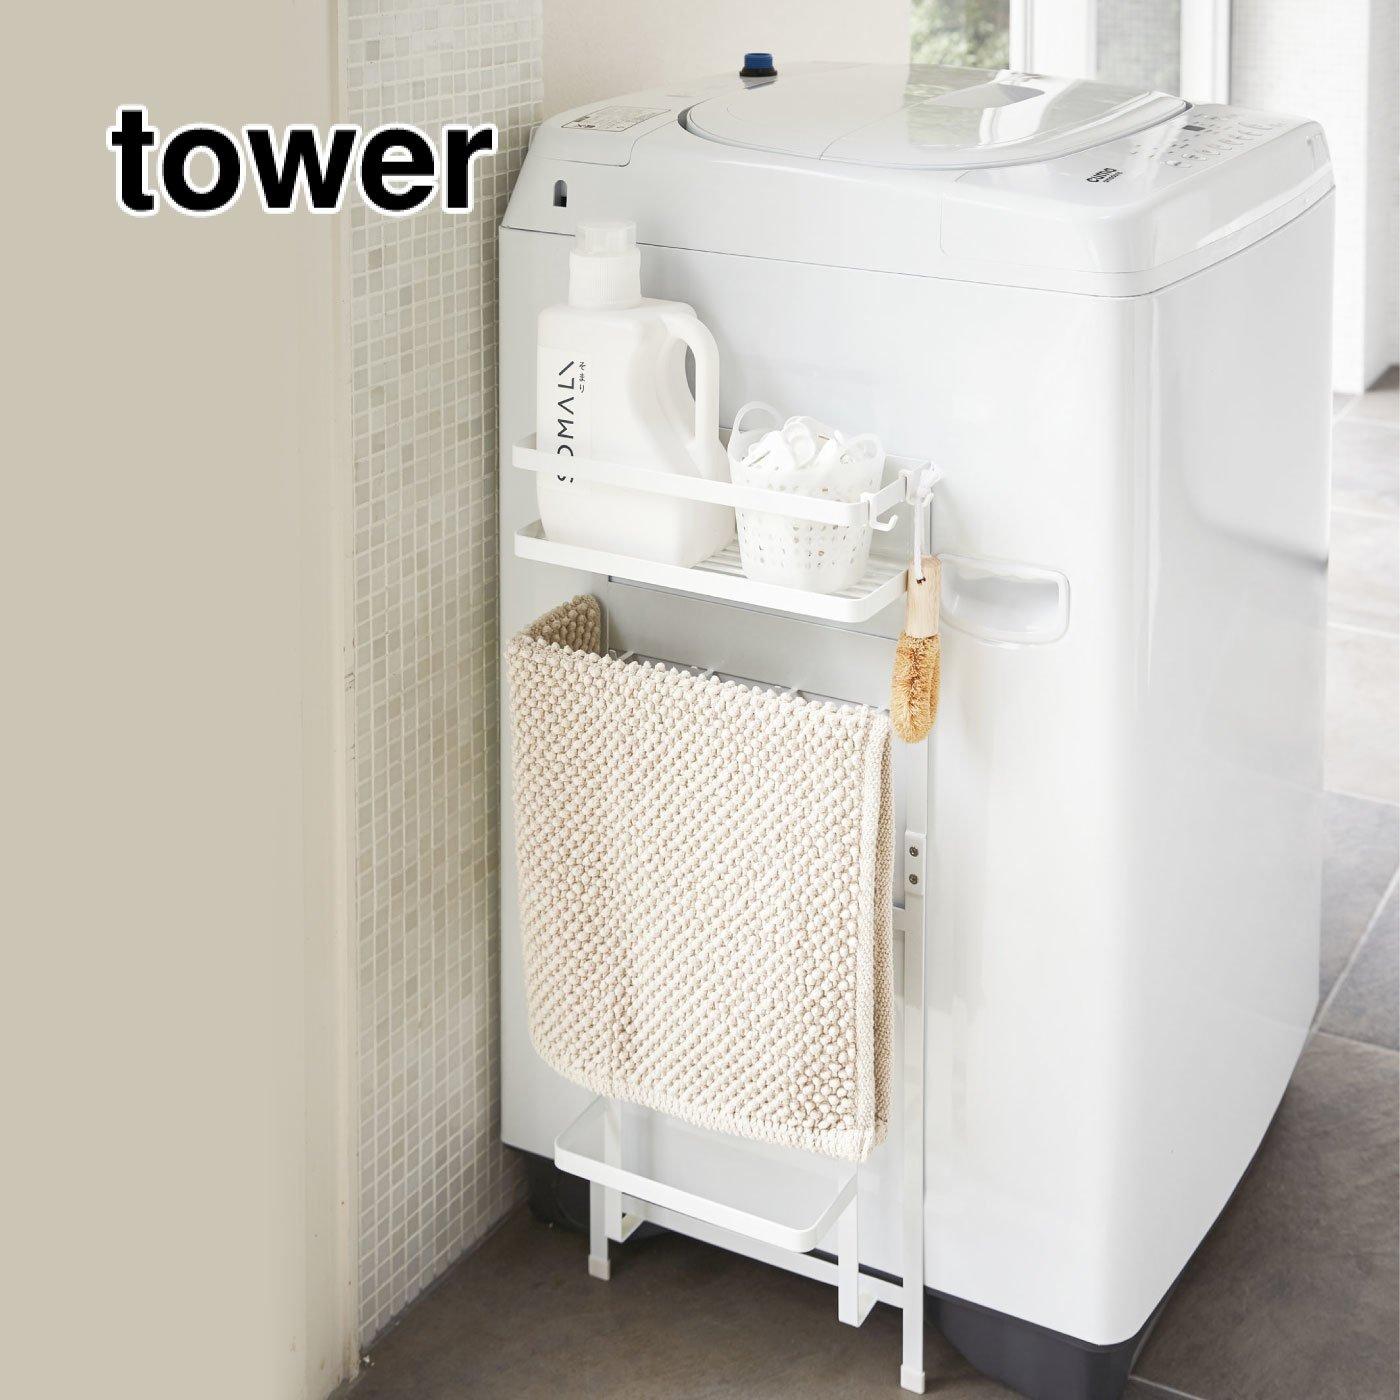 tower すっきりまとめて片付く! 洗濯機横マグネット収納ラック